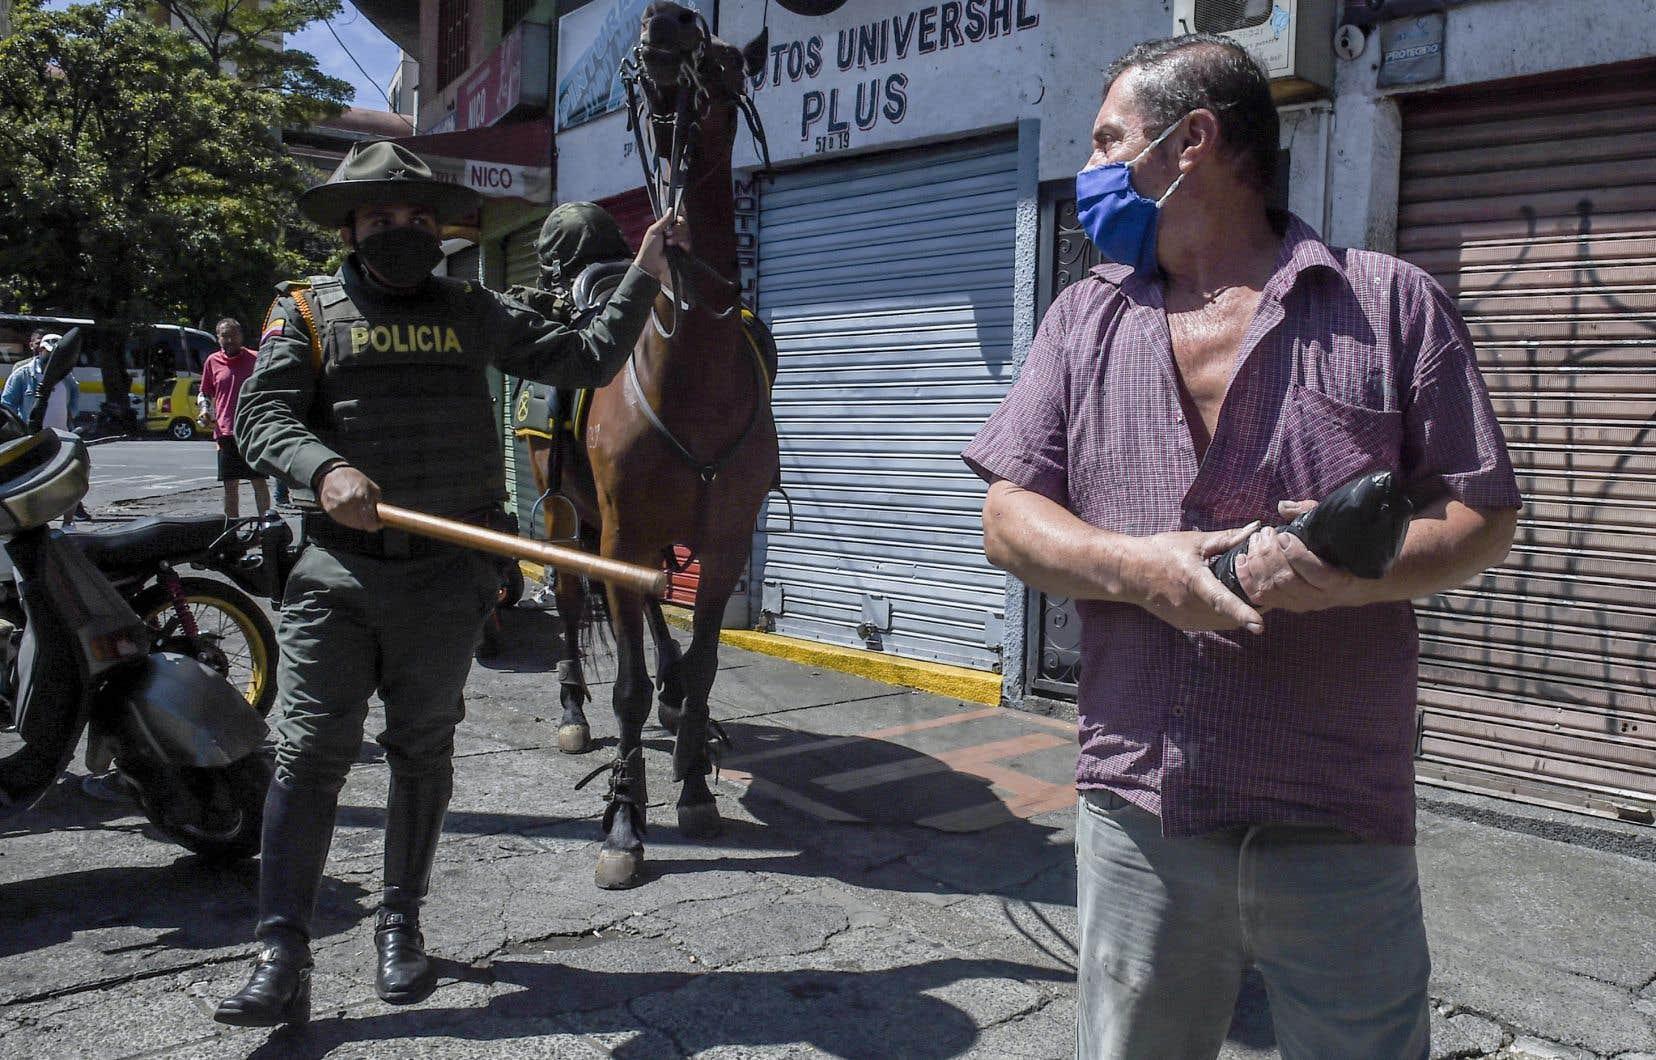 La police montée était déployée à Medellín, en Colombie, afin de faire respecter les quarantaines strictes imposées dans certaines zones.